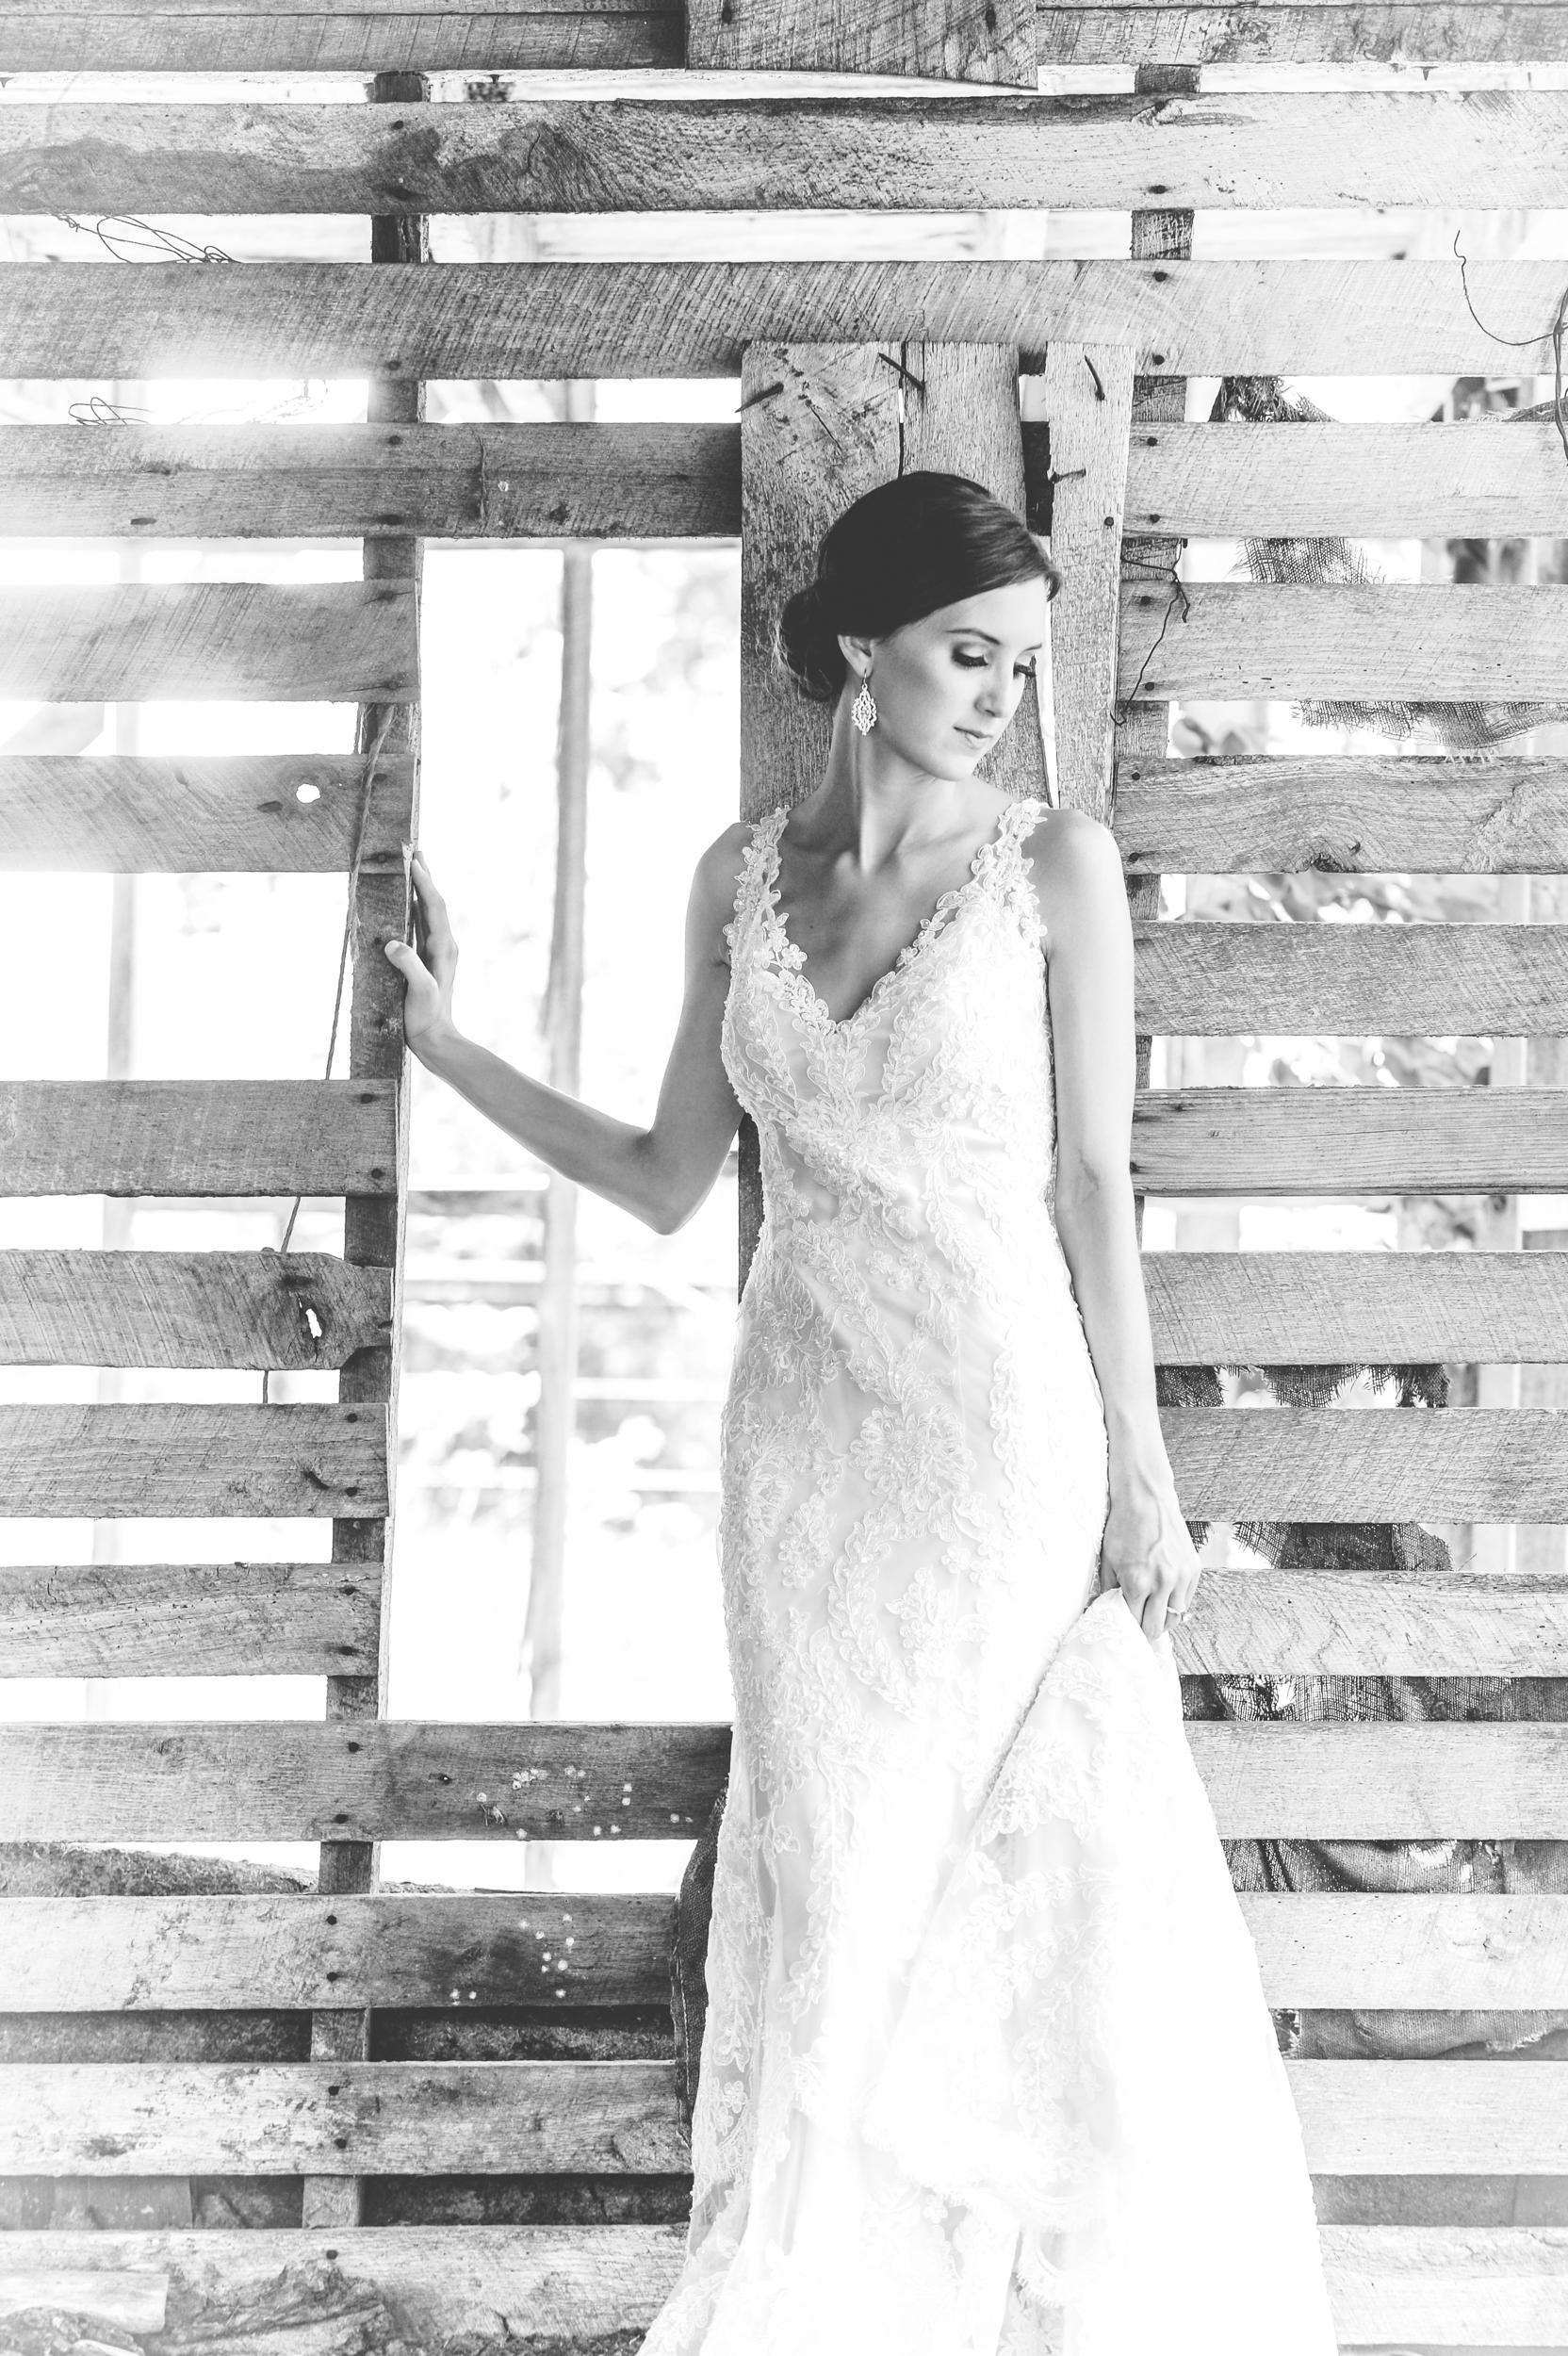 bridals©2015mileswittboyer-23.jpg